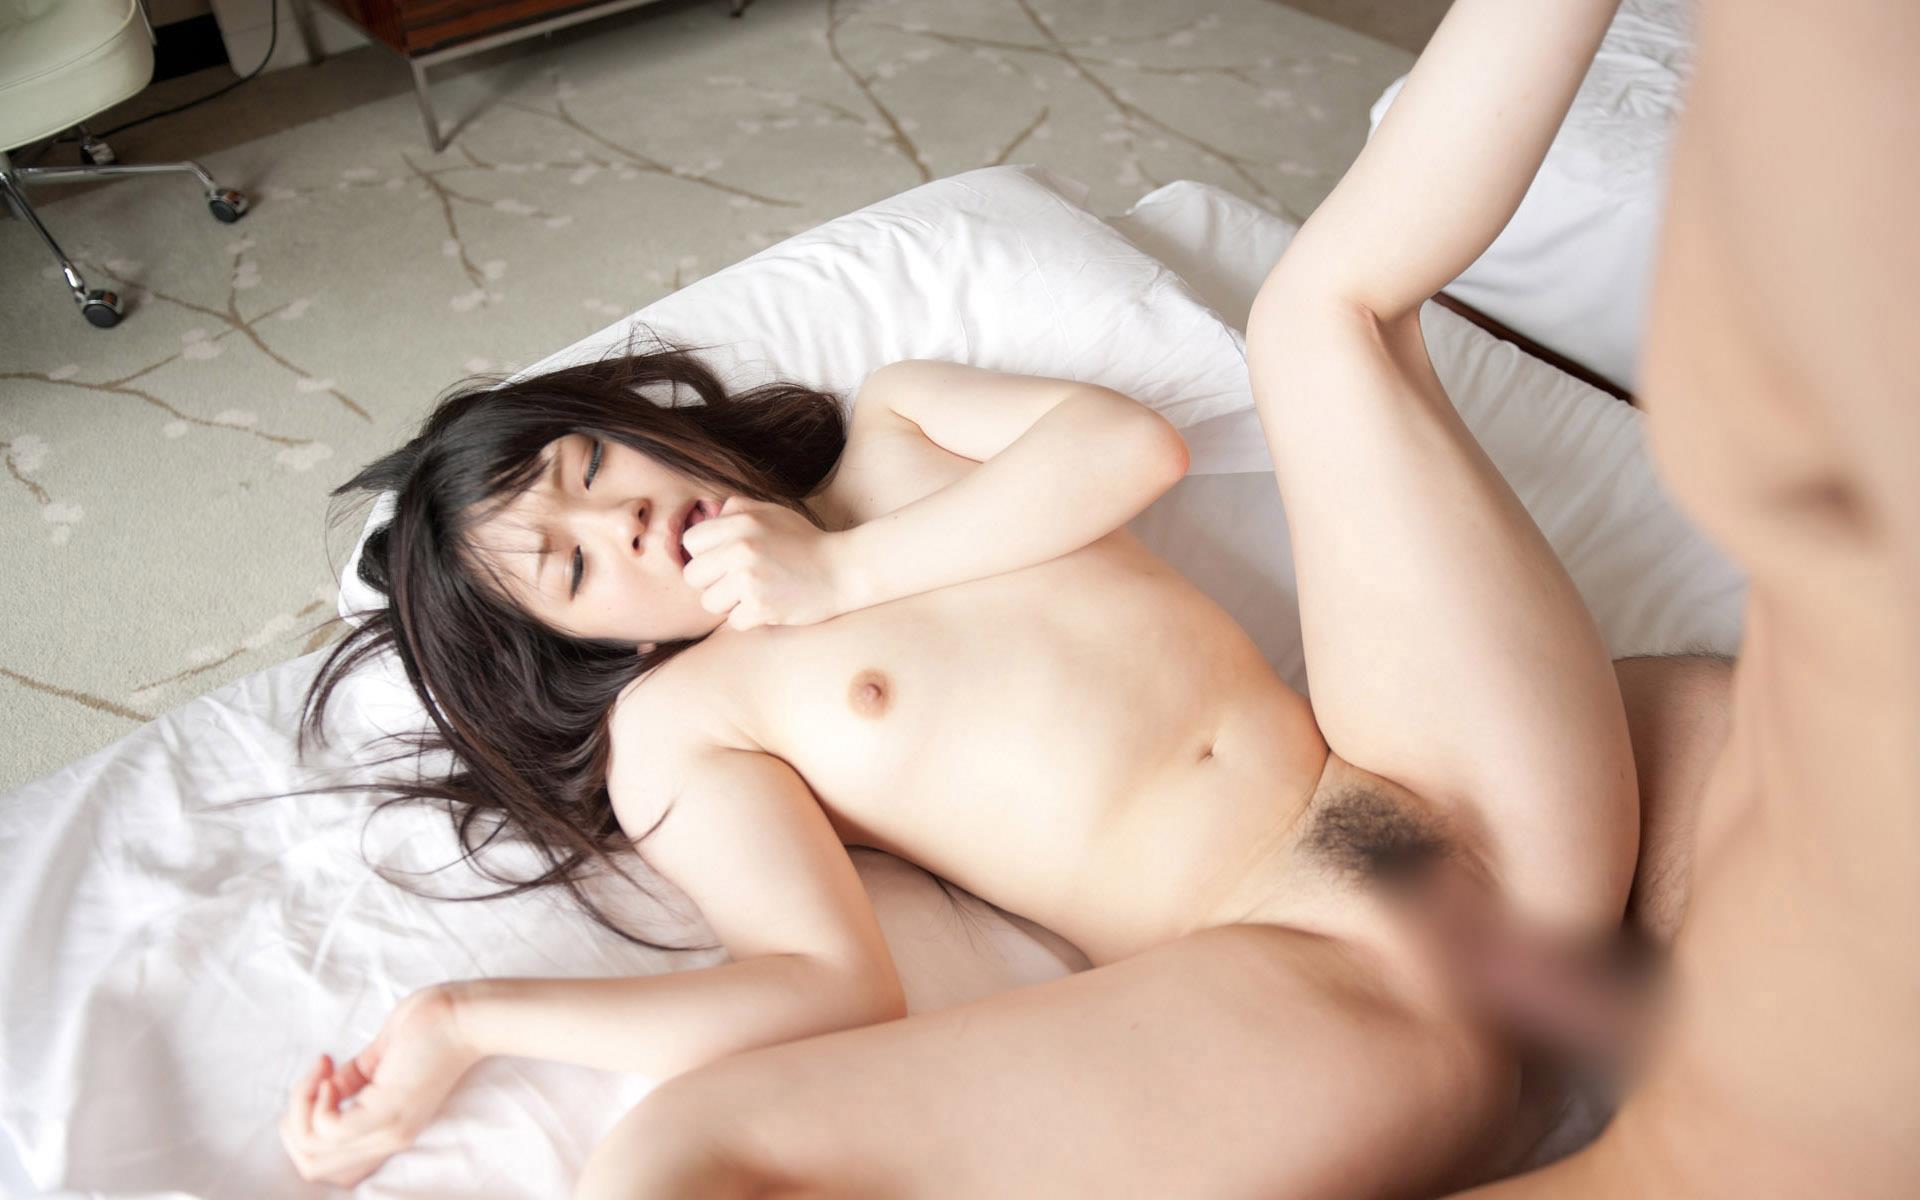 南梨央奈 ロリ体型の美少女AV女優 セックス画像106枚